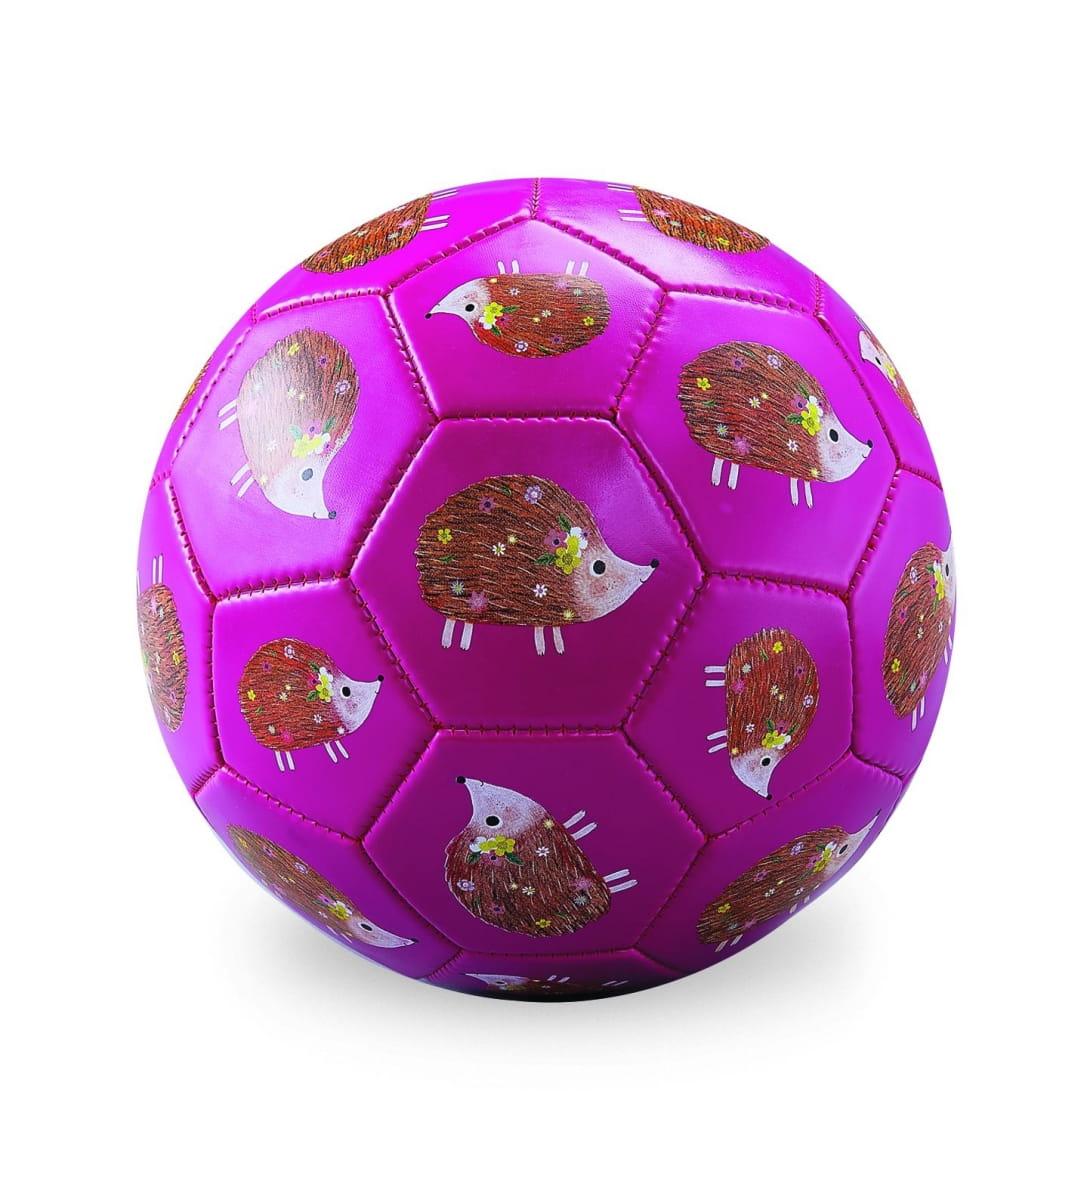 Футбольный мяч CROCODILE CREEK Ежик - Игры на природе